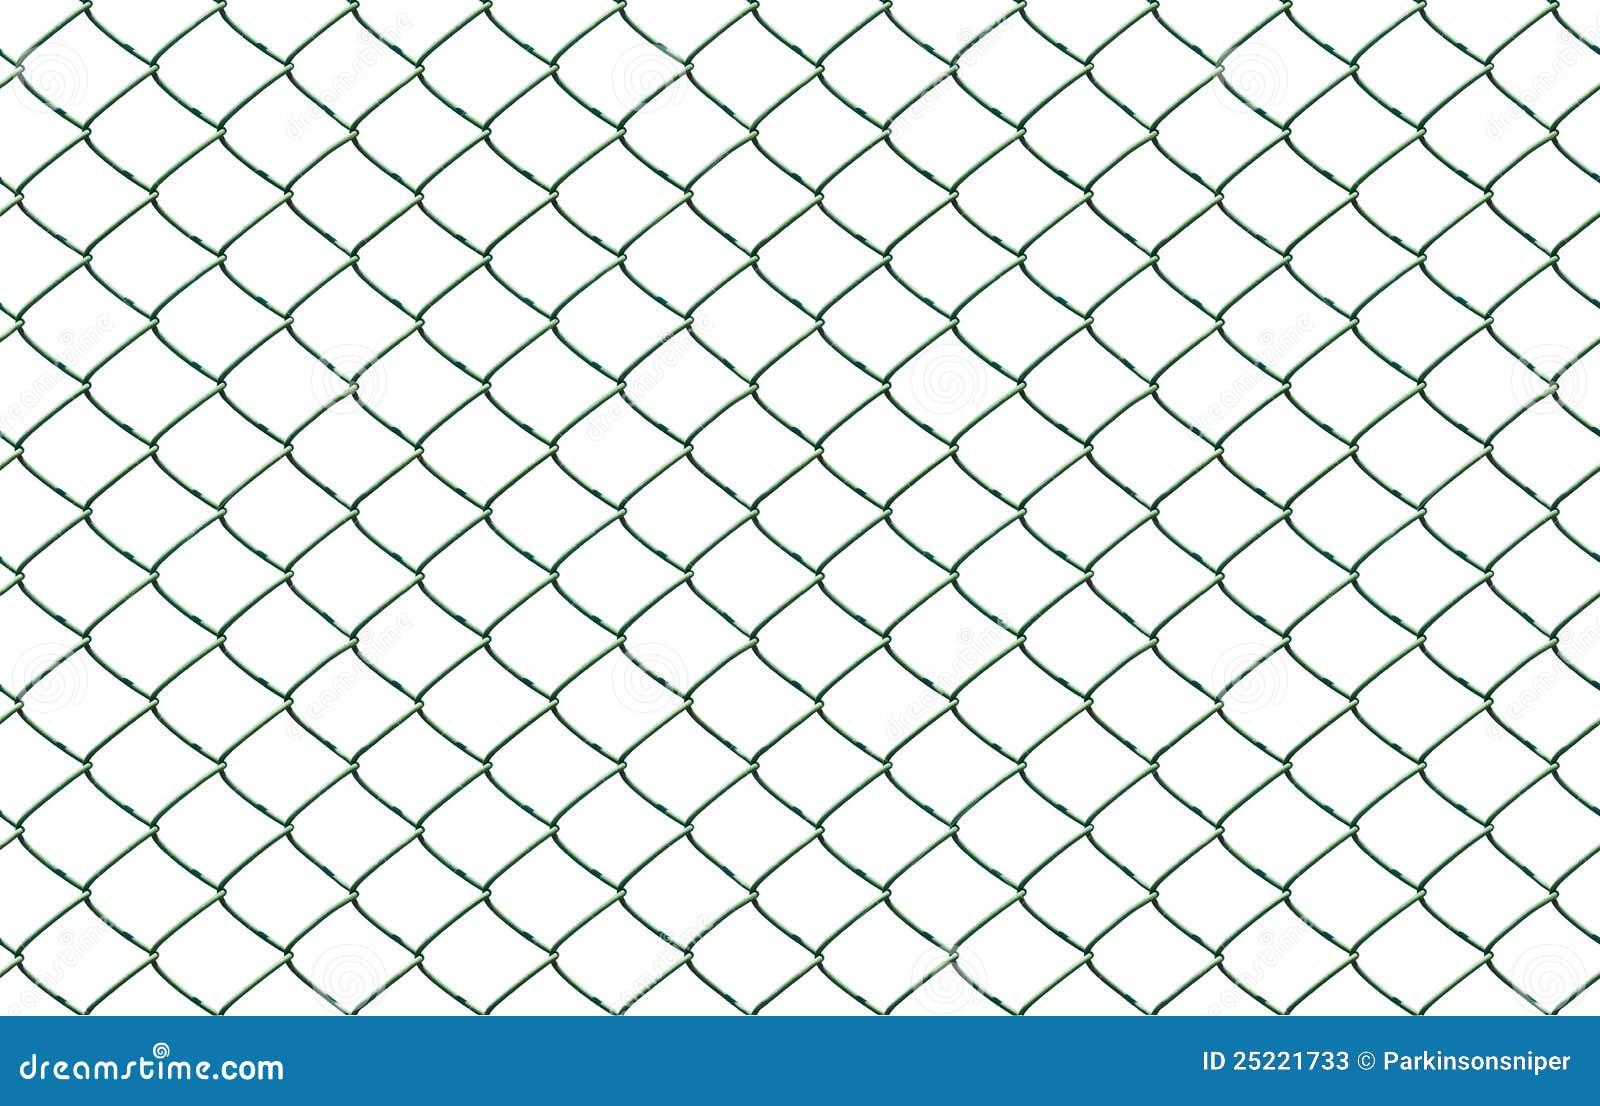 Nahtloser Maschendrahtzaun stockbild. Bild von zaun, ausschnitt ...